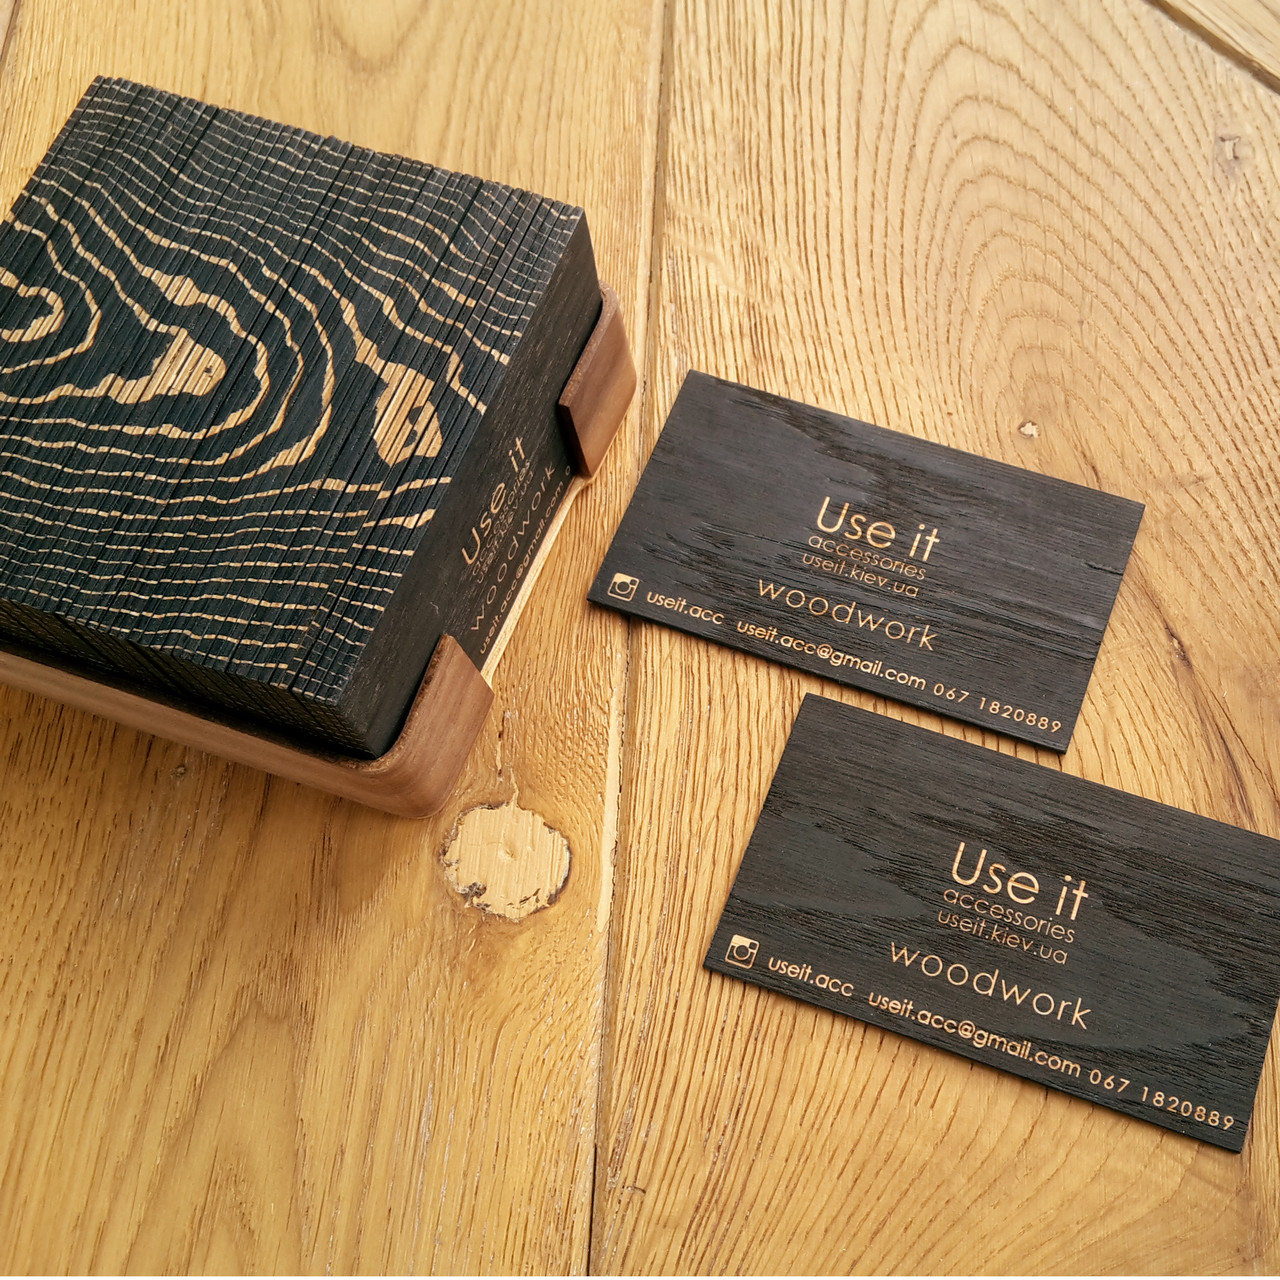 """Визитки деревянные из шпона дерева премиальной серии """"Black Oak"""" 100 штук, фото 1"""